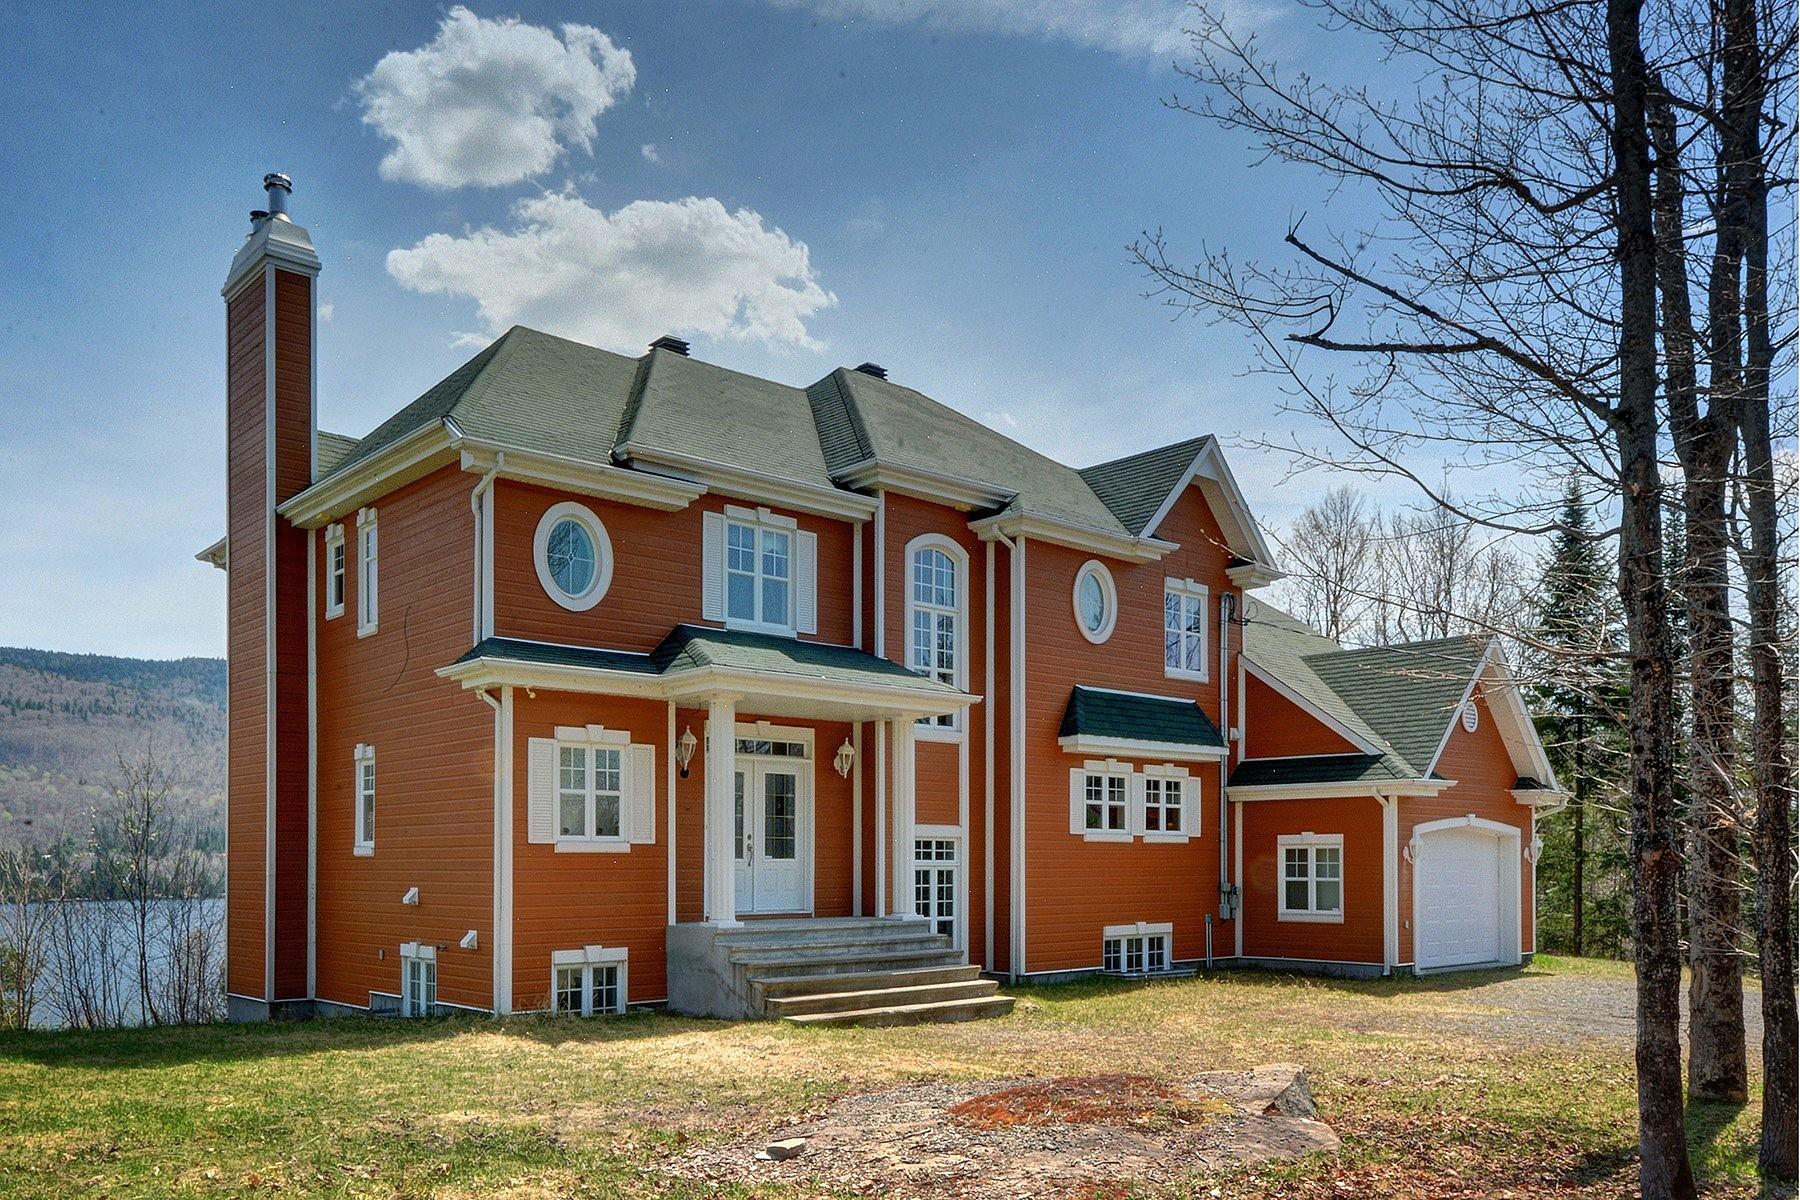 Частный односемейный дом для того Продажа на Saint-Donat, Lanaudière 4 Ch. Bouchard Saint-Donat, Квебек J0T2C0 Канада